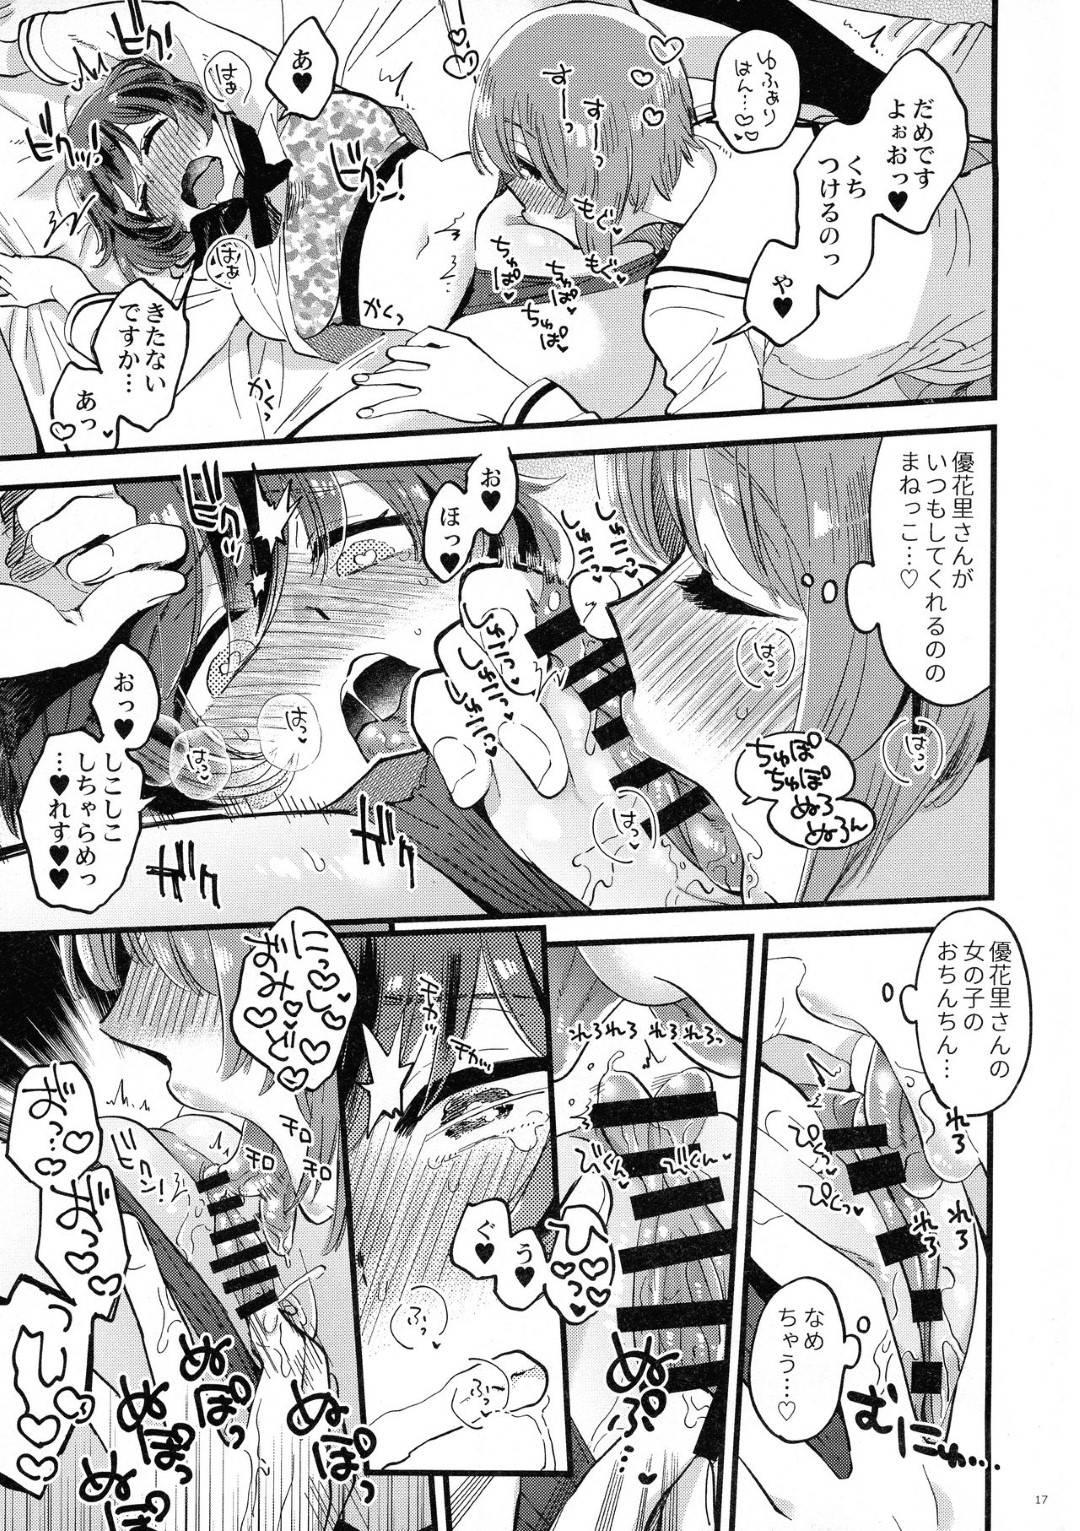 【エロ漫画】【エロ漫画】急に男性器が生えてしまった事が見つかったJK…親友に伝えるとご奉仕を懇願され手コキで収まらずフェラを試してみるが効果なしw【ゆかたろ:西住殿に生えてしまっても愛しております! 】